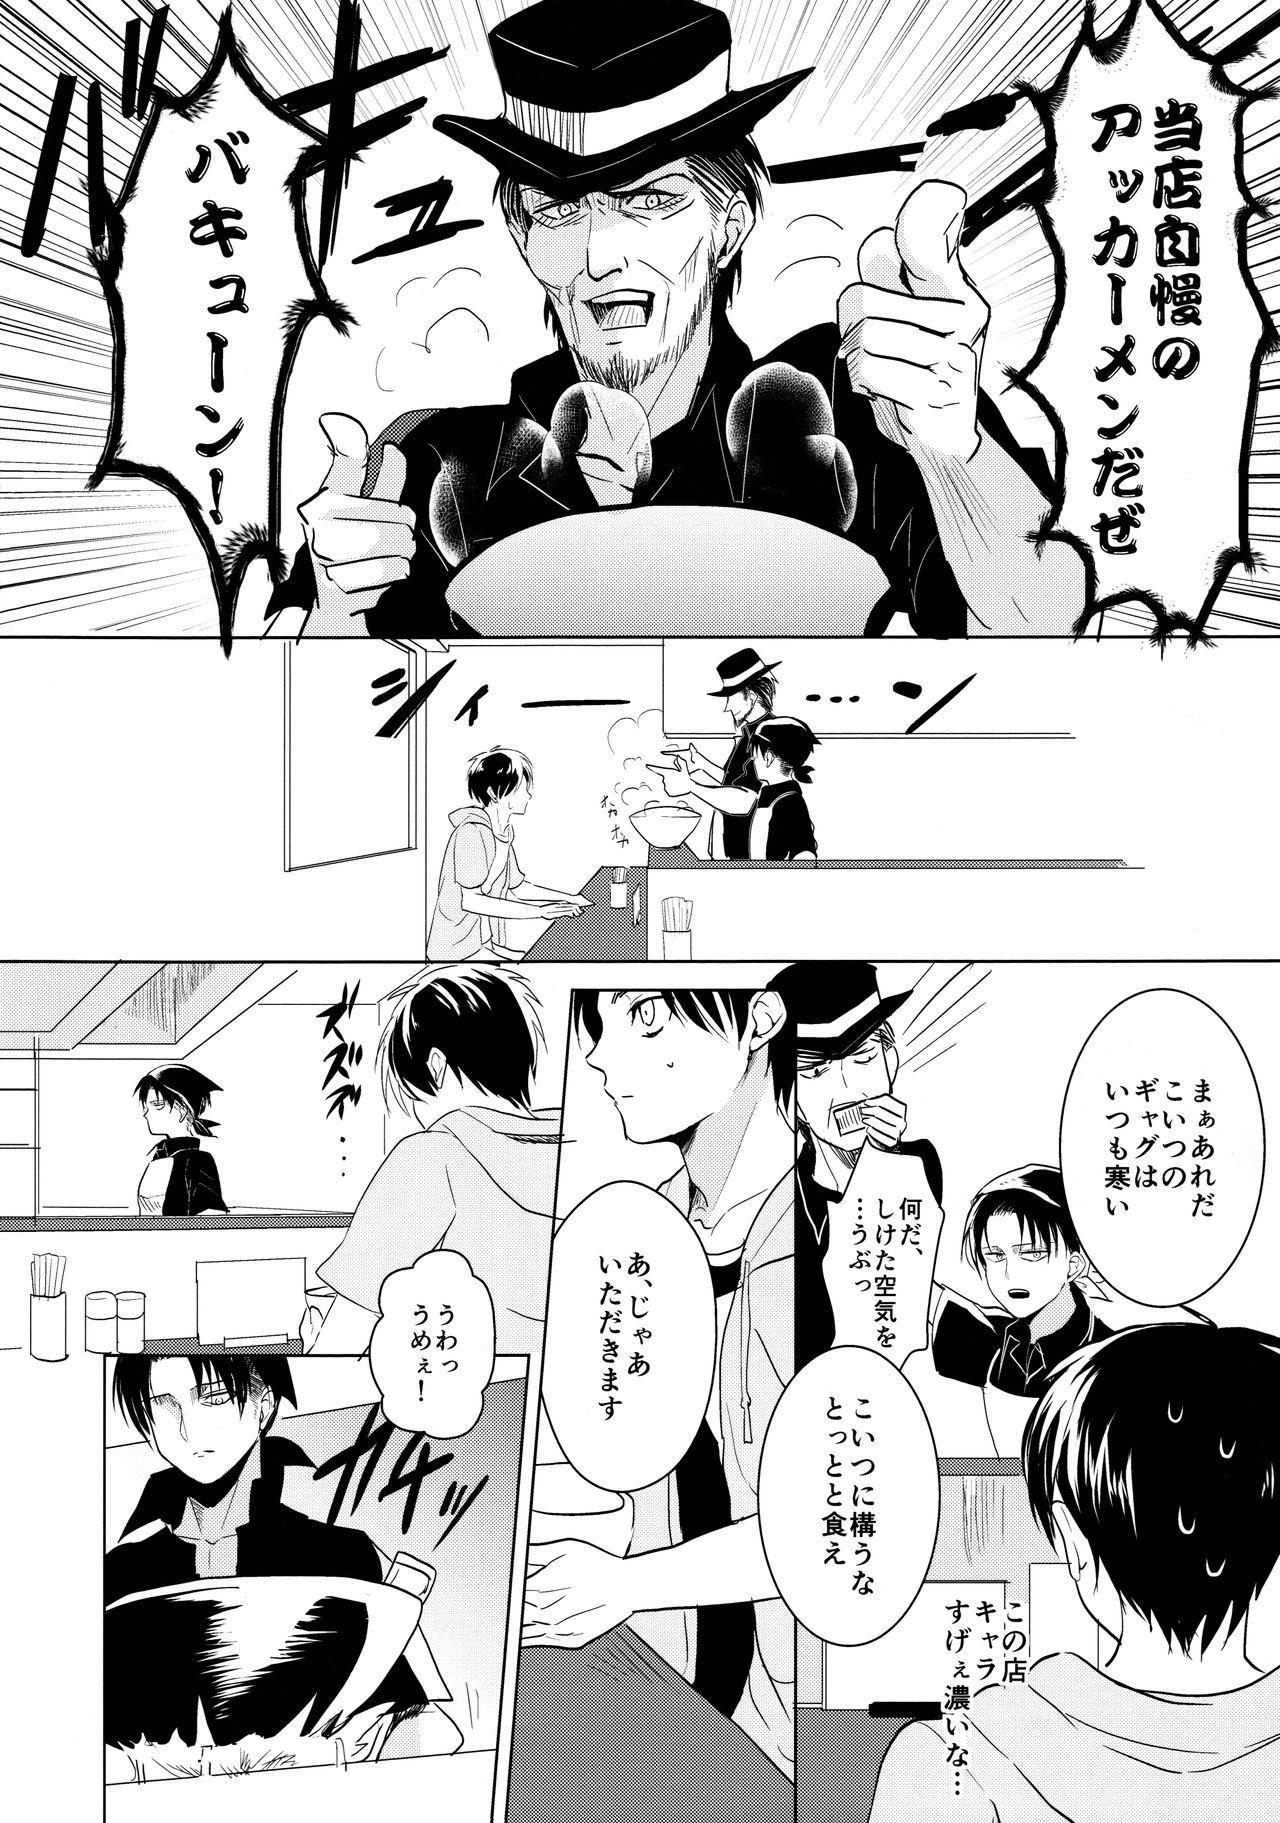 Gochidou-sama deshita. 10